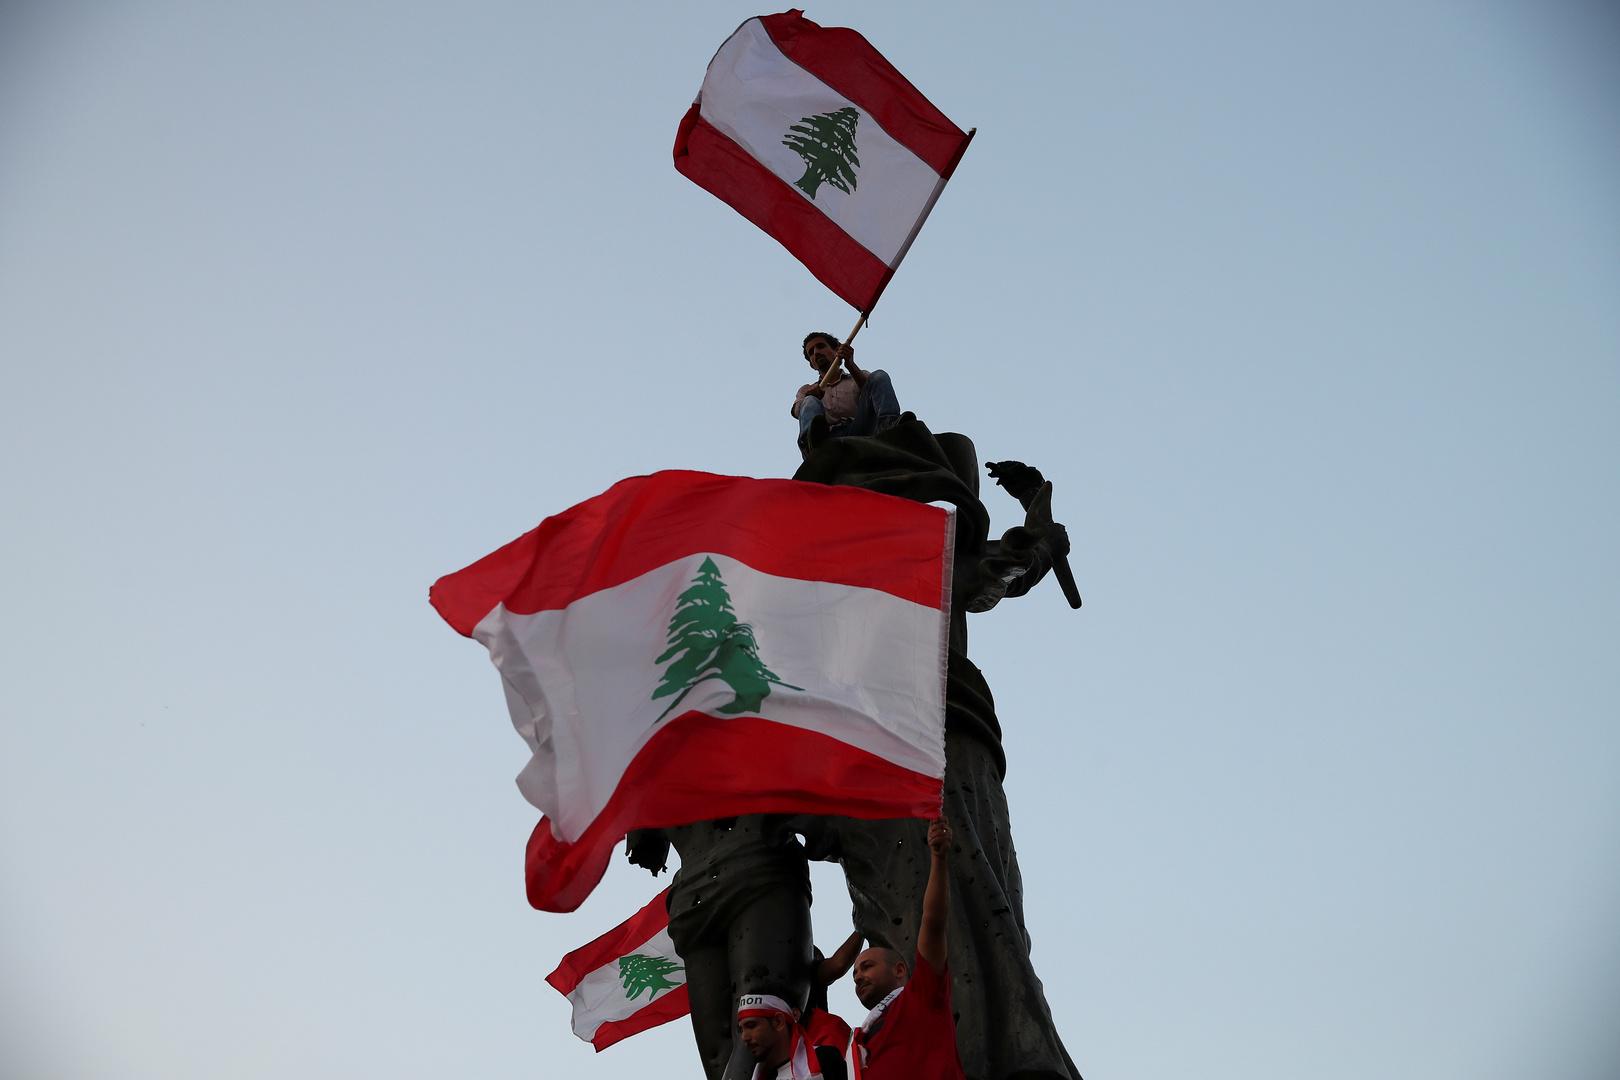 تمثال الشهداء في العاصمة اللبنانية بيروت